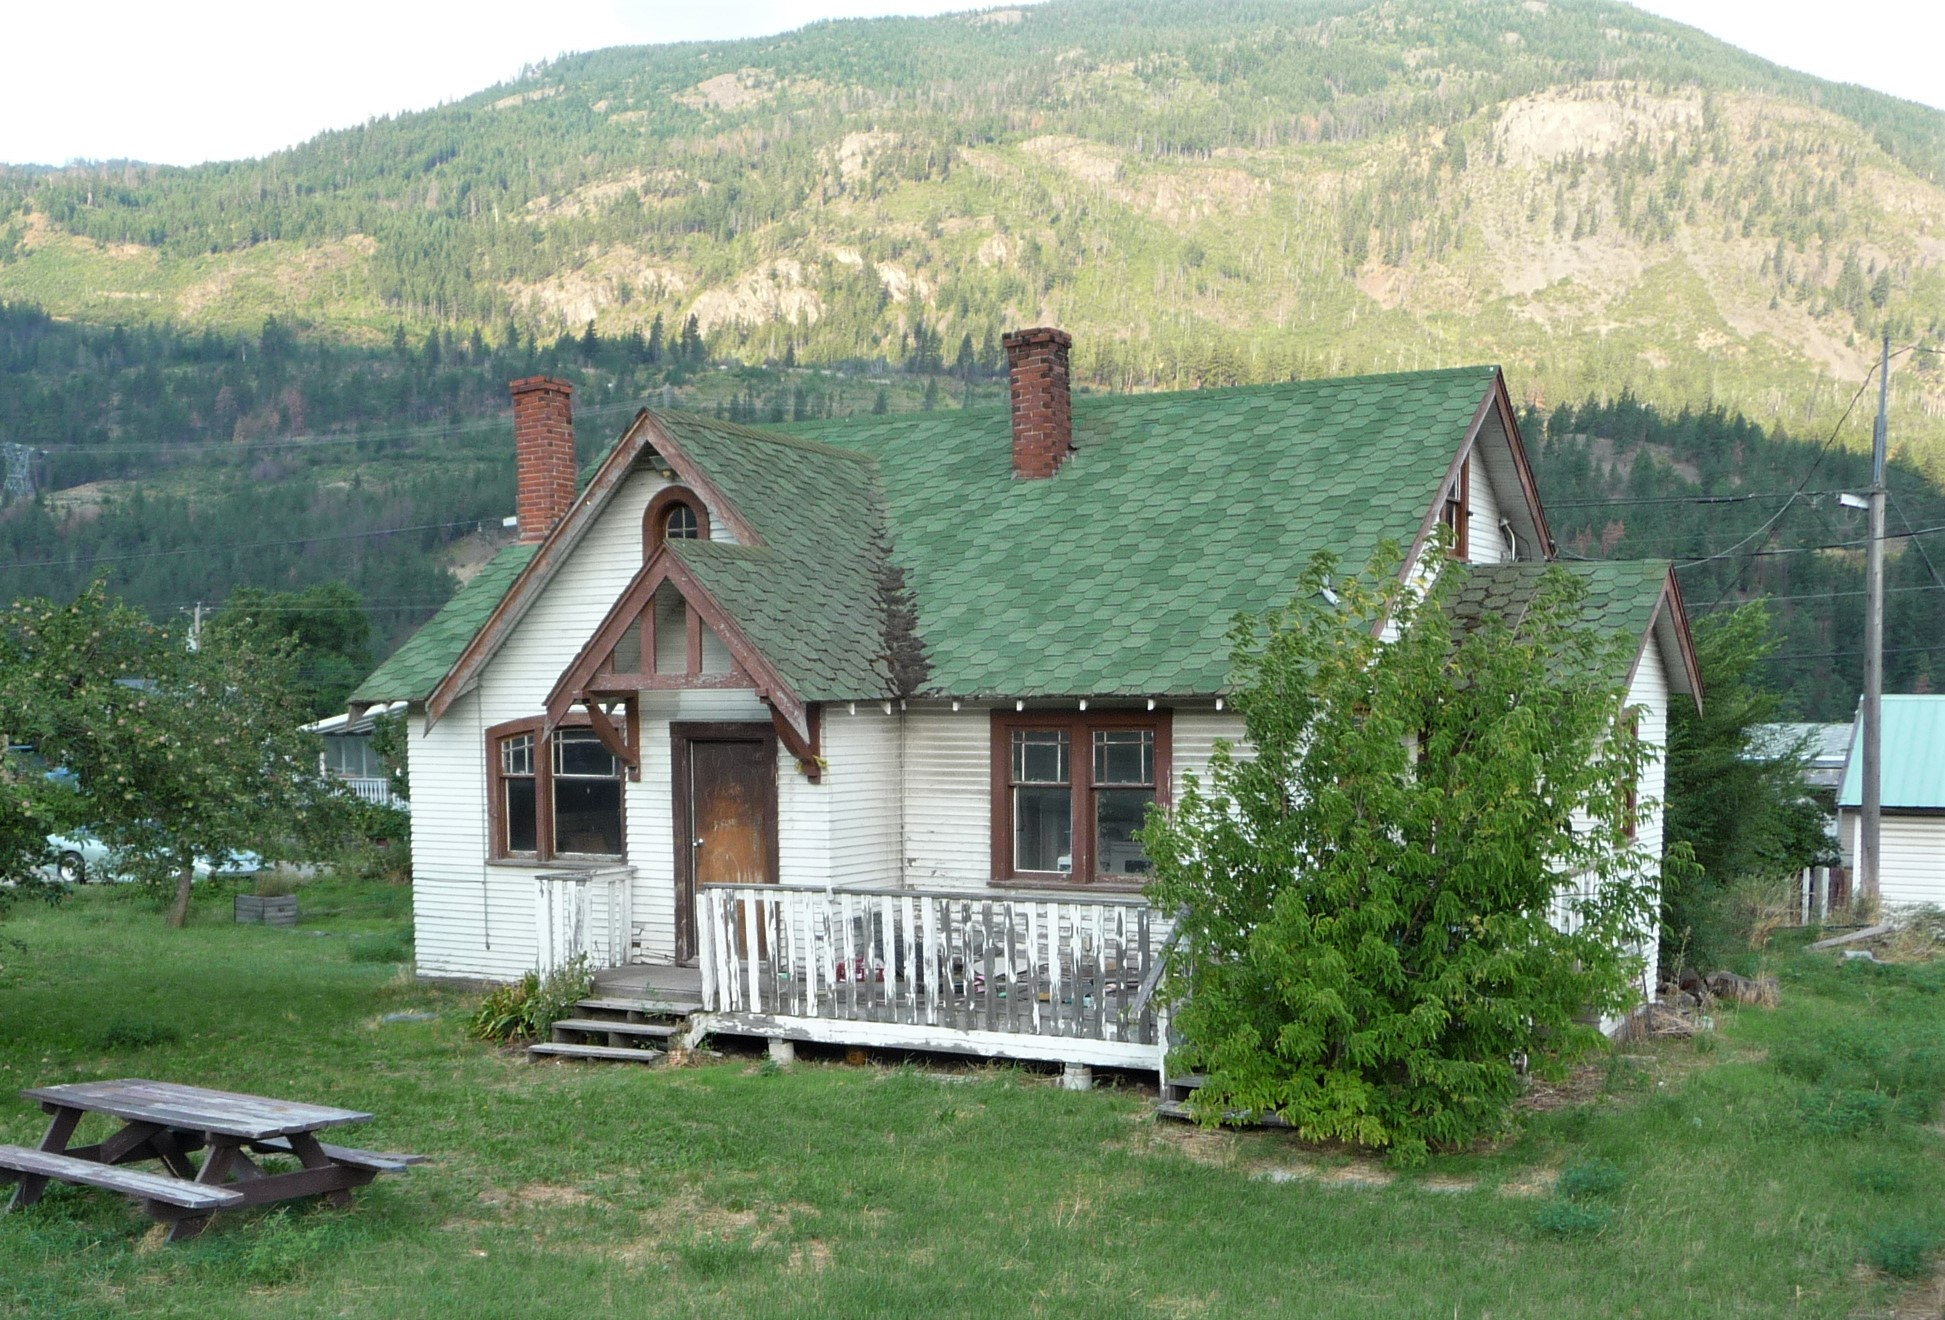 hetty's house